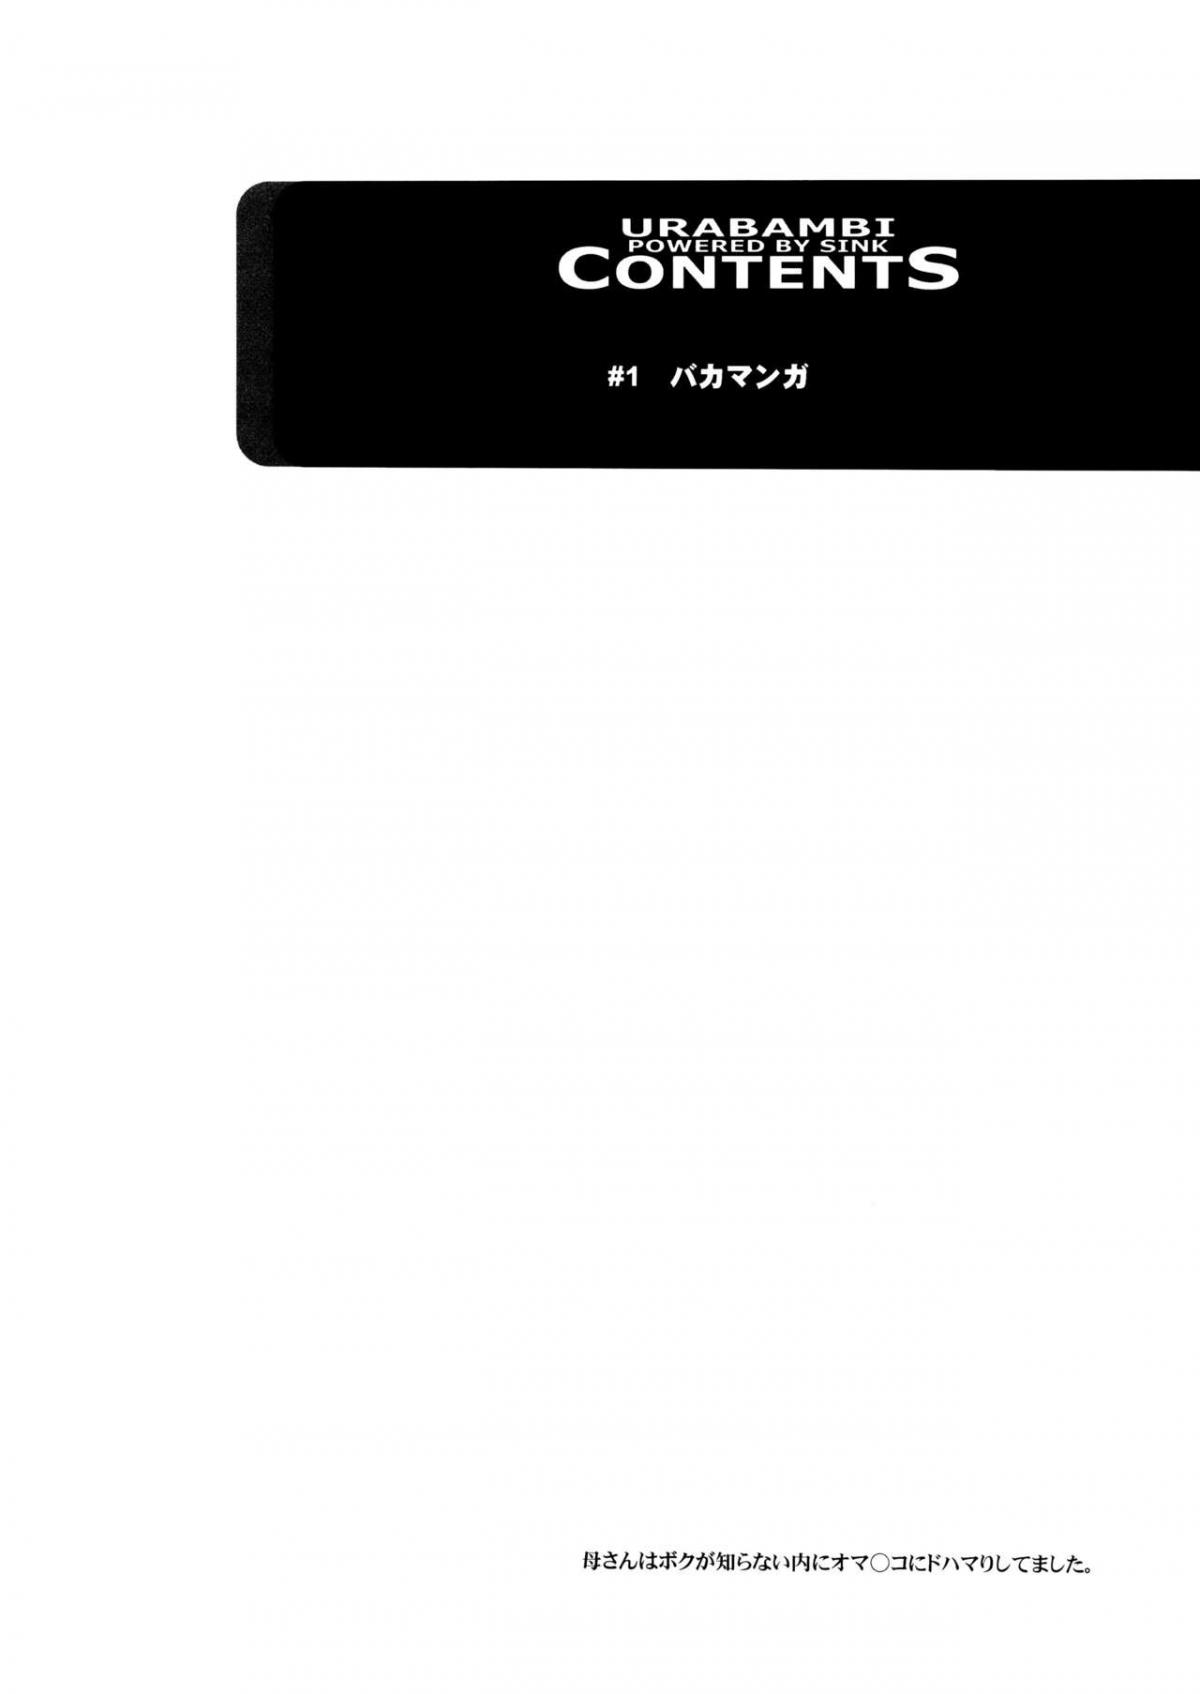 HentaiVN.net - Ảnh 4 - Kaa-san wa Boku ga Shiranai Uchi ni Omanko ni DoHamari shite mashita (Gundam Build Fighters) - Urabambi 49 ~Kaa-San Wa Boku Ga Shiranai Uchi Ni Omanko Ni DoHamari Shite Mashita. - Oneshot